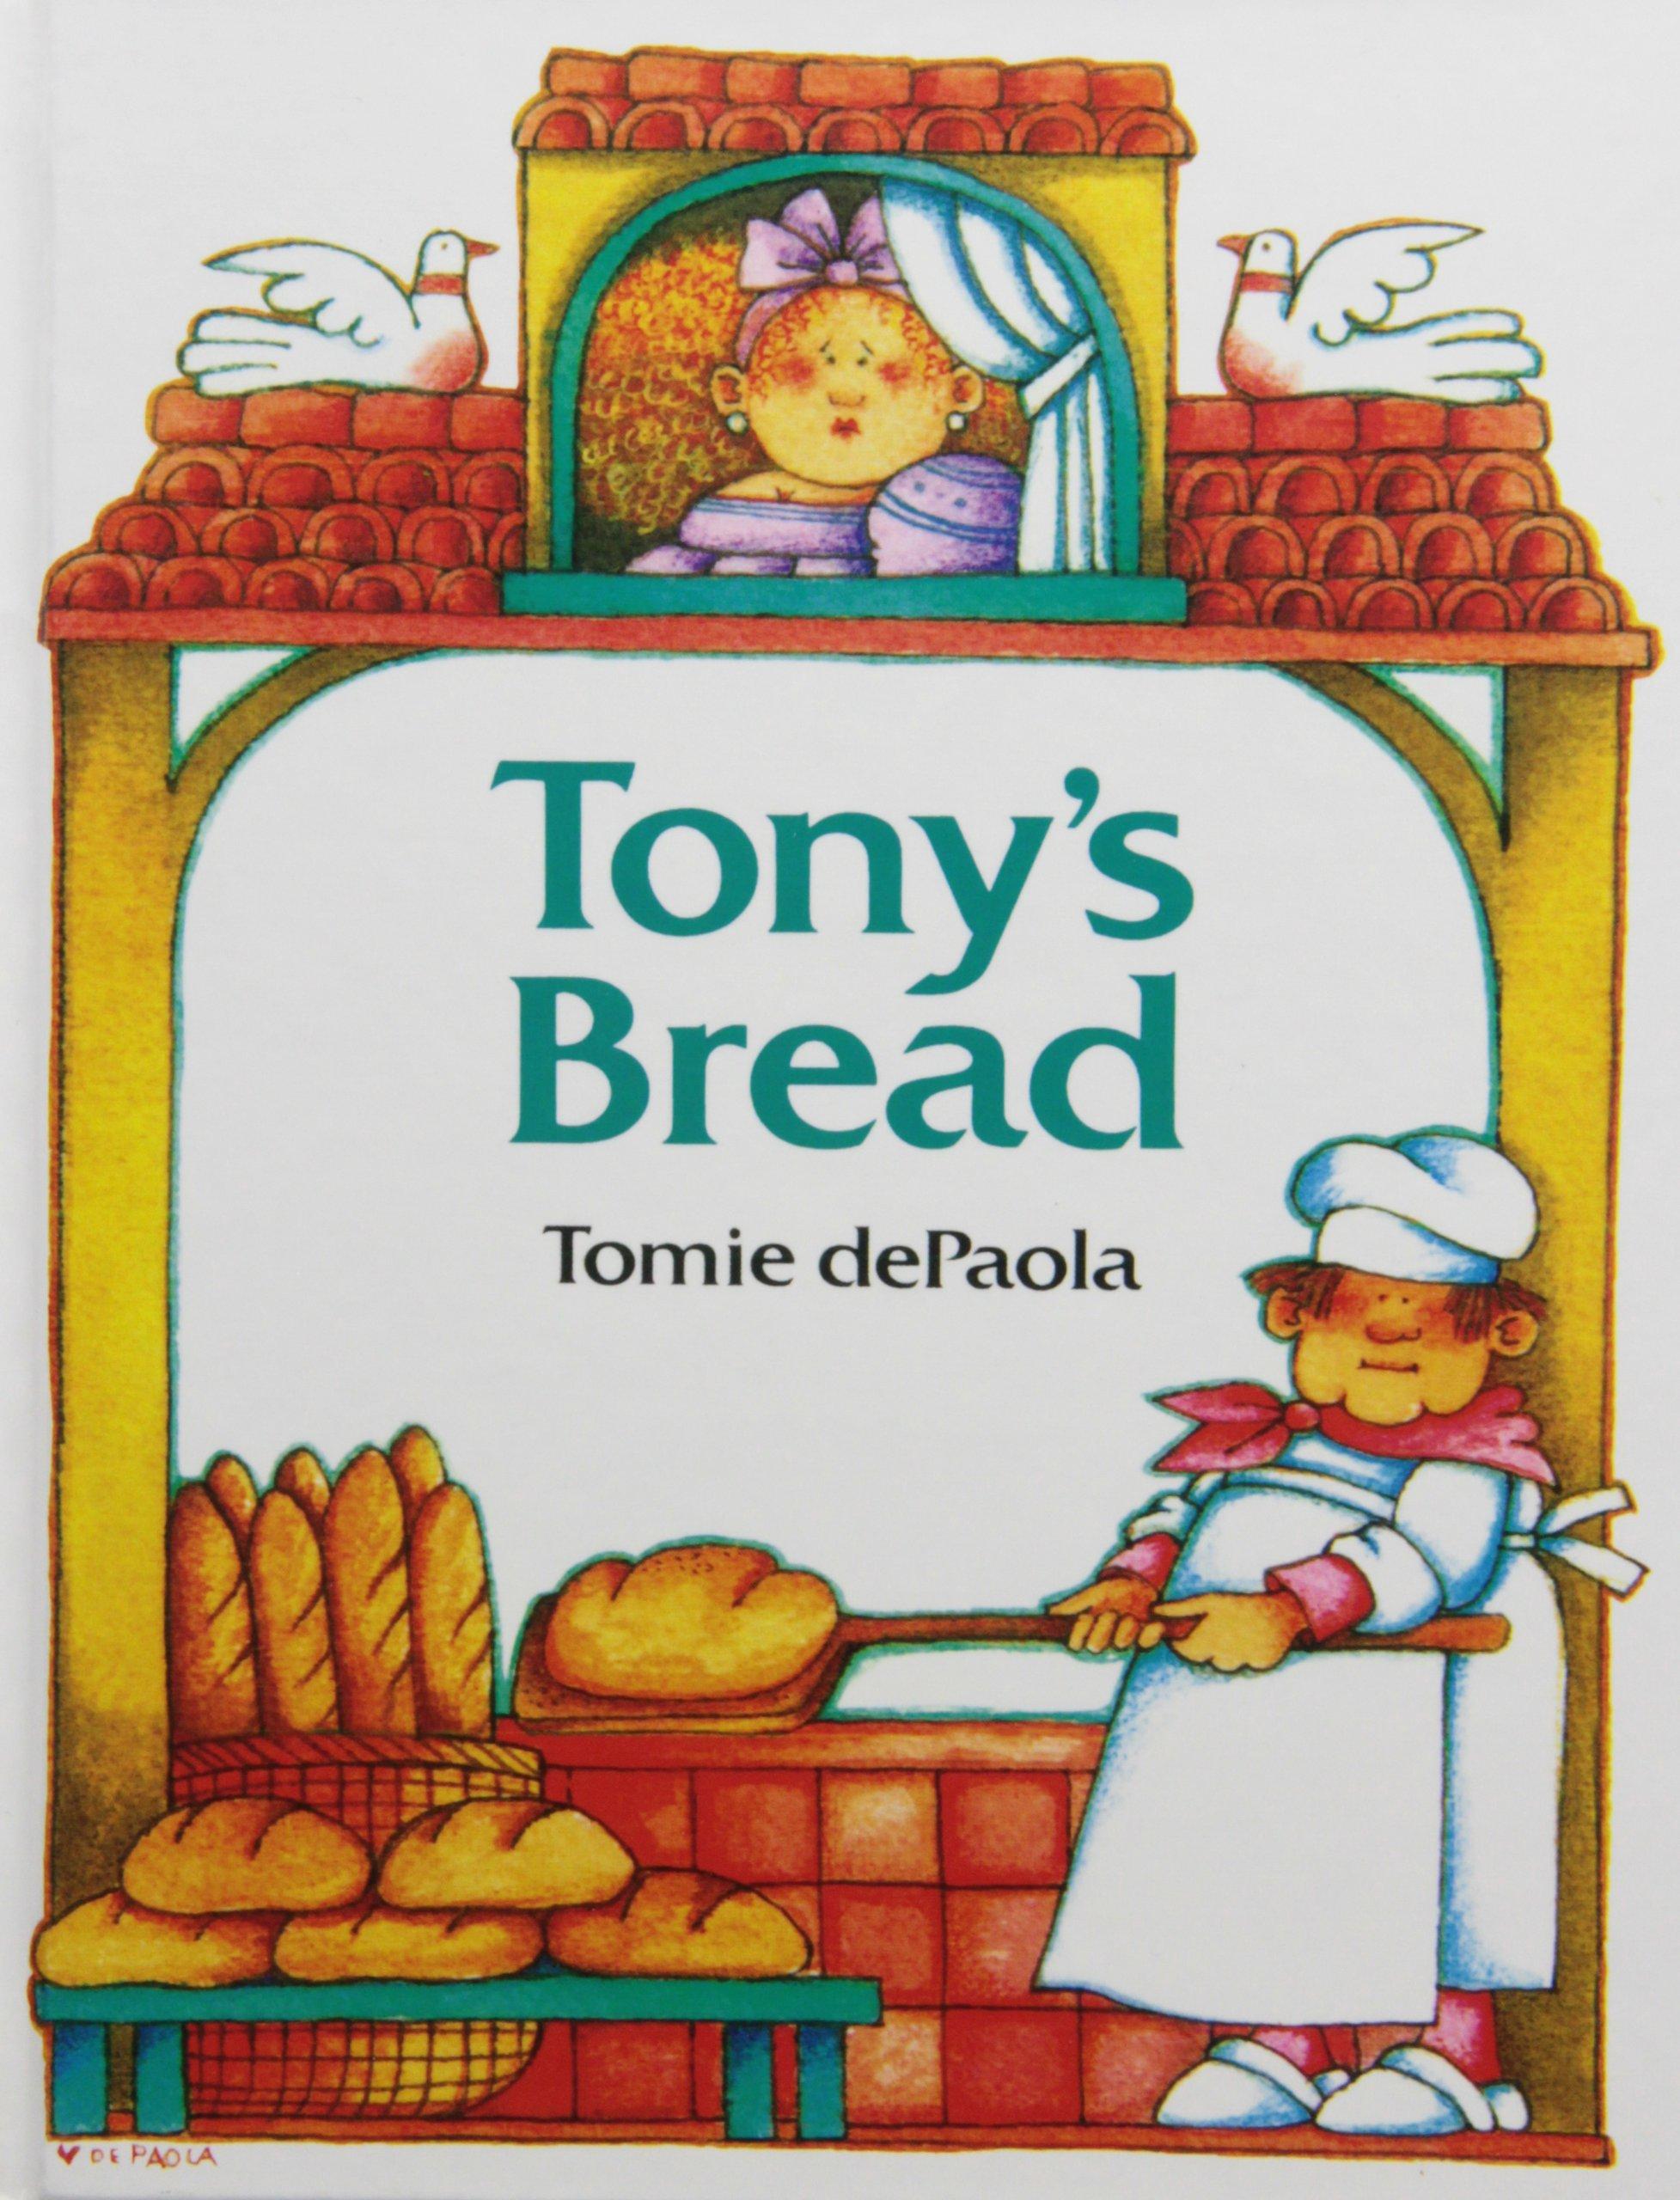 Tony's Bread: An Italian Folktale (Paperstar)